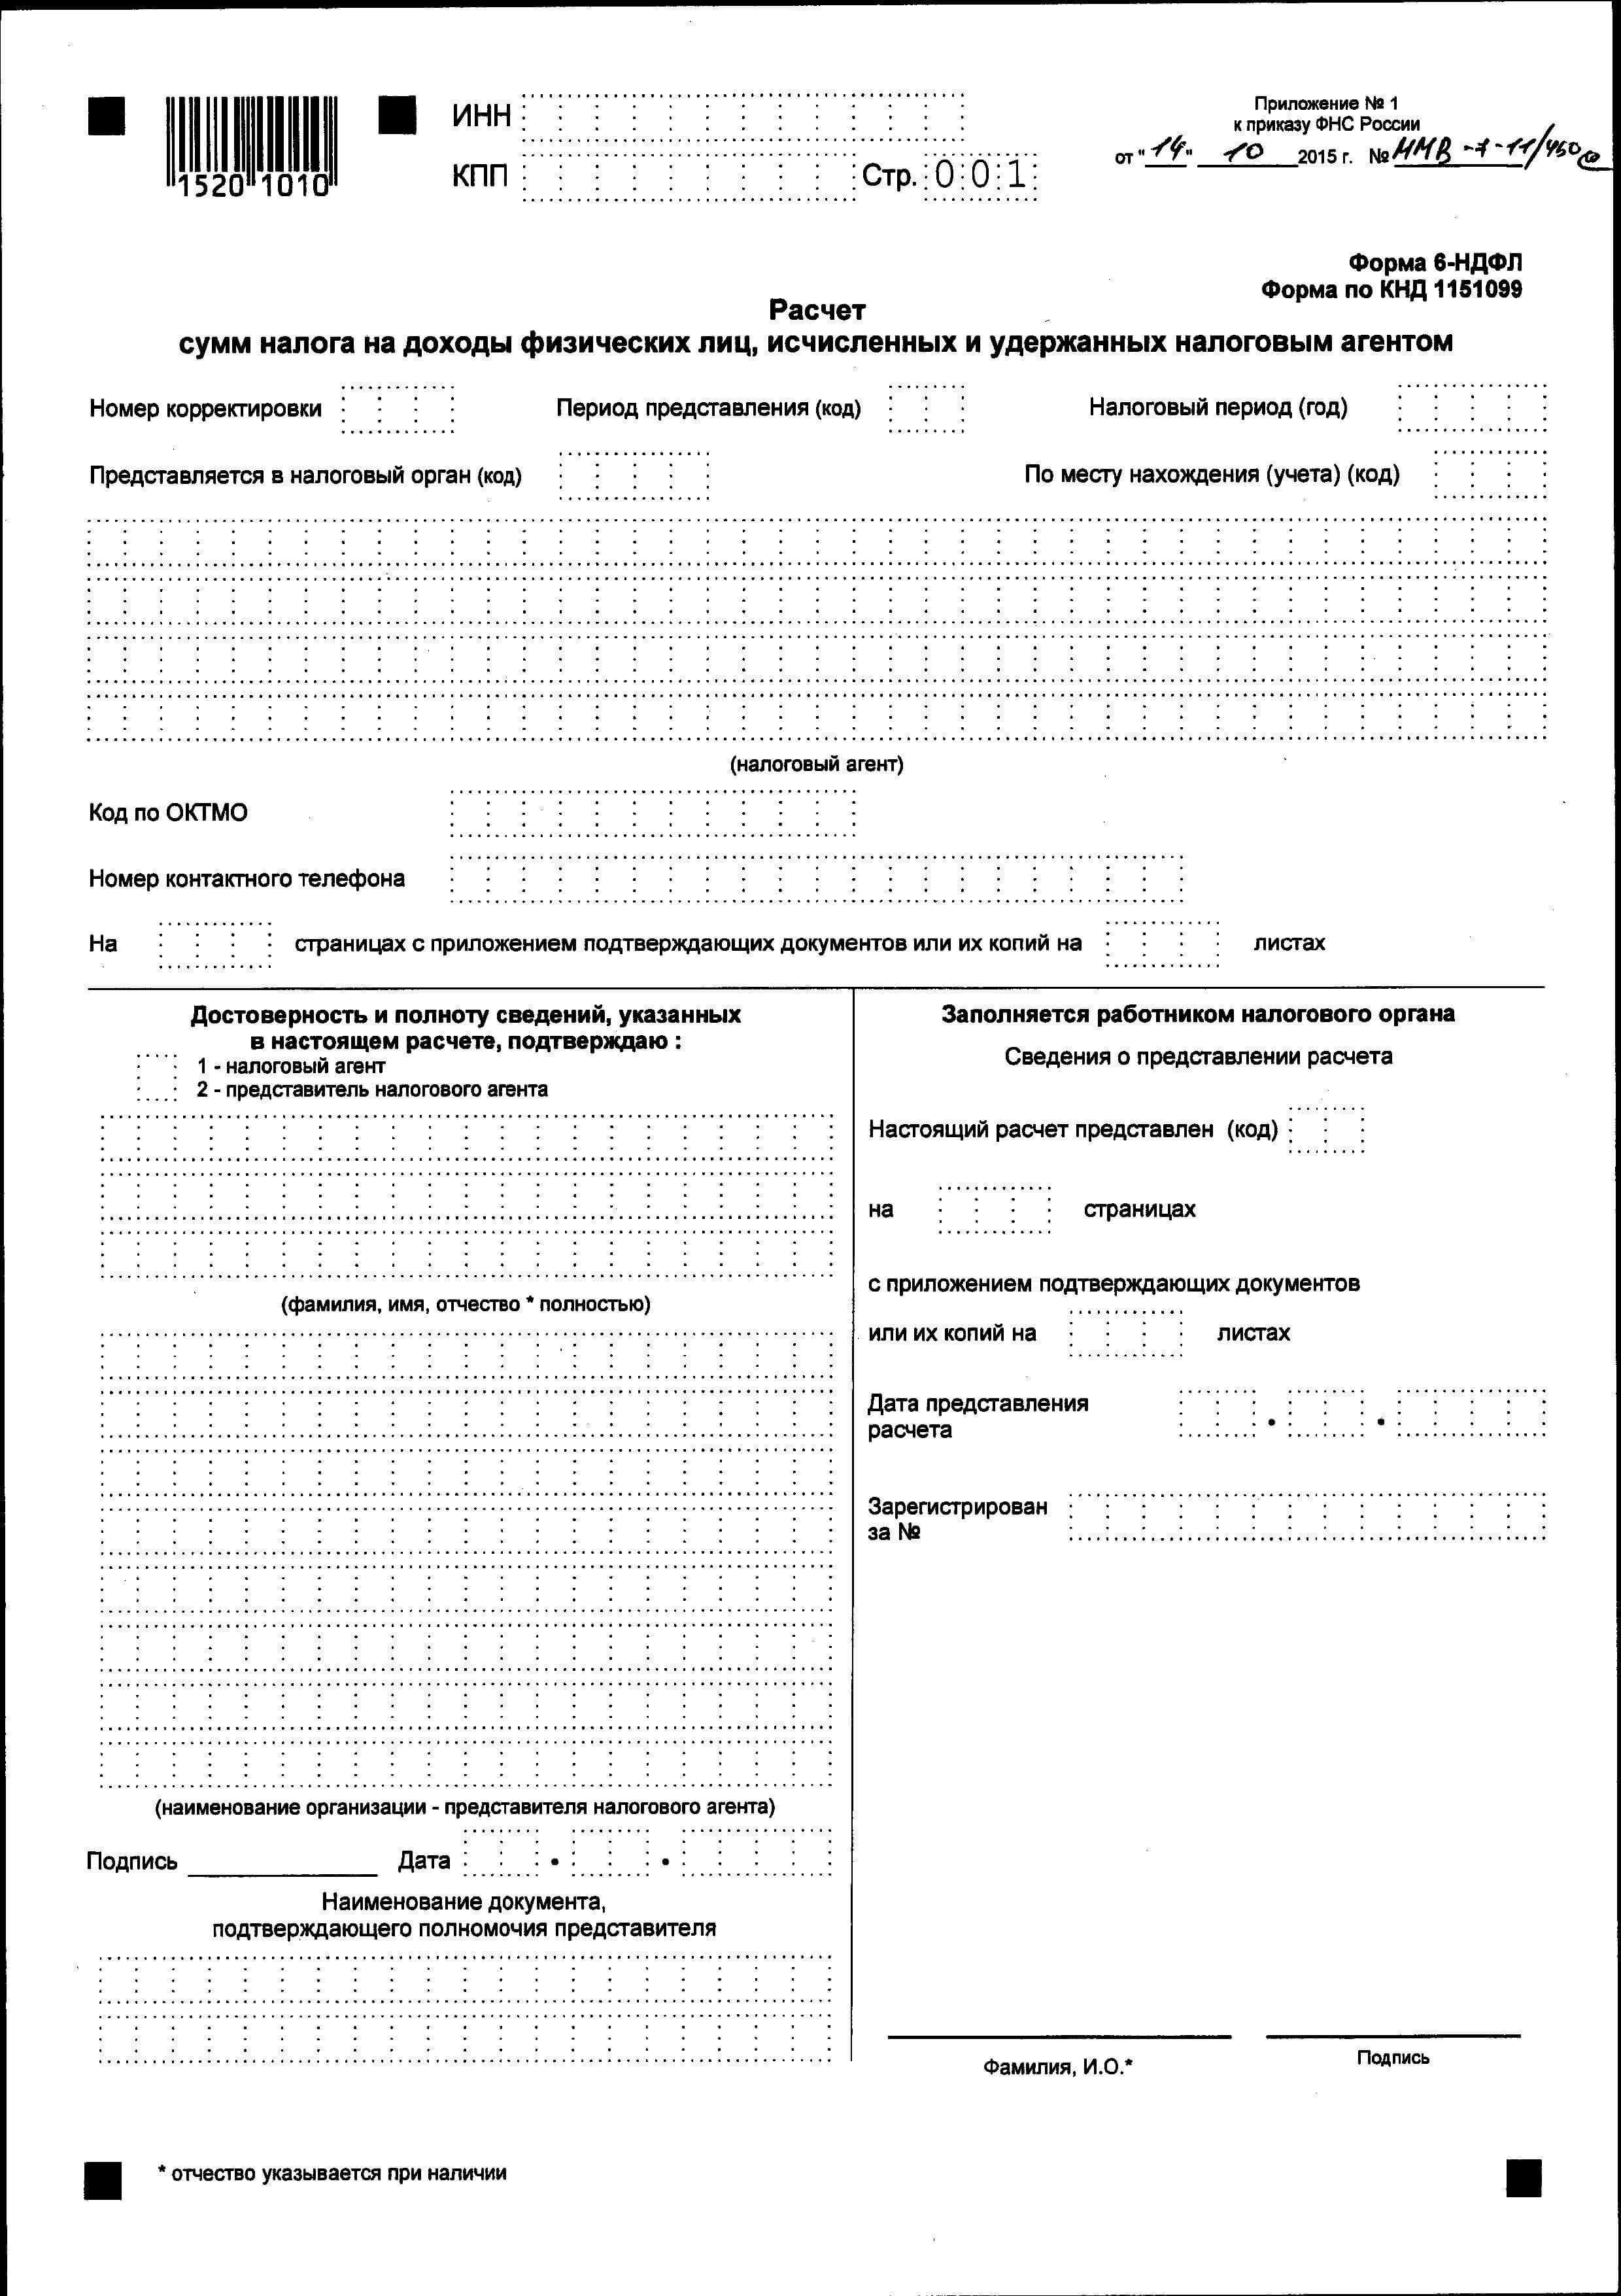 Заявление на подтверждение права на зачет авансовых платежей по ндфл справку с места работы с подтверждением Академика Волгина улица